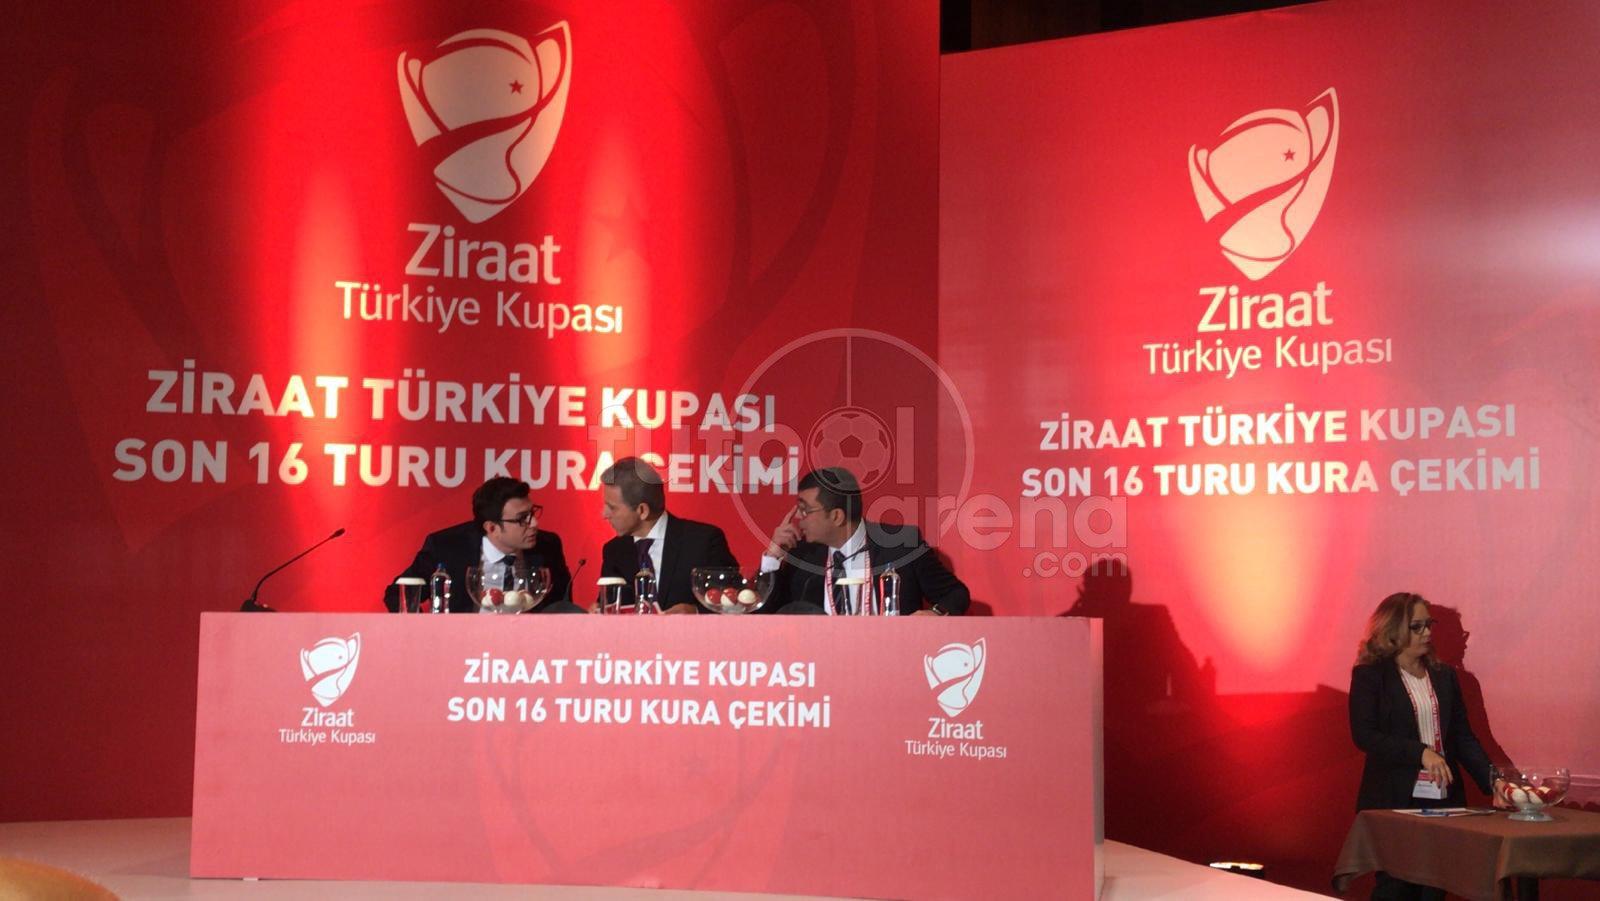 Ziraat Türkiye Kupasında Son 16 Turu Eşleşmeleri Belli Oldu 87